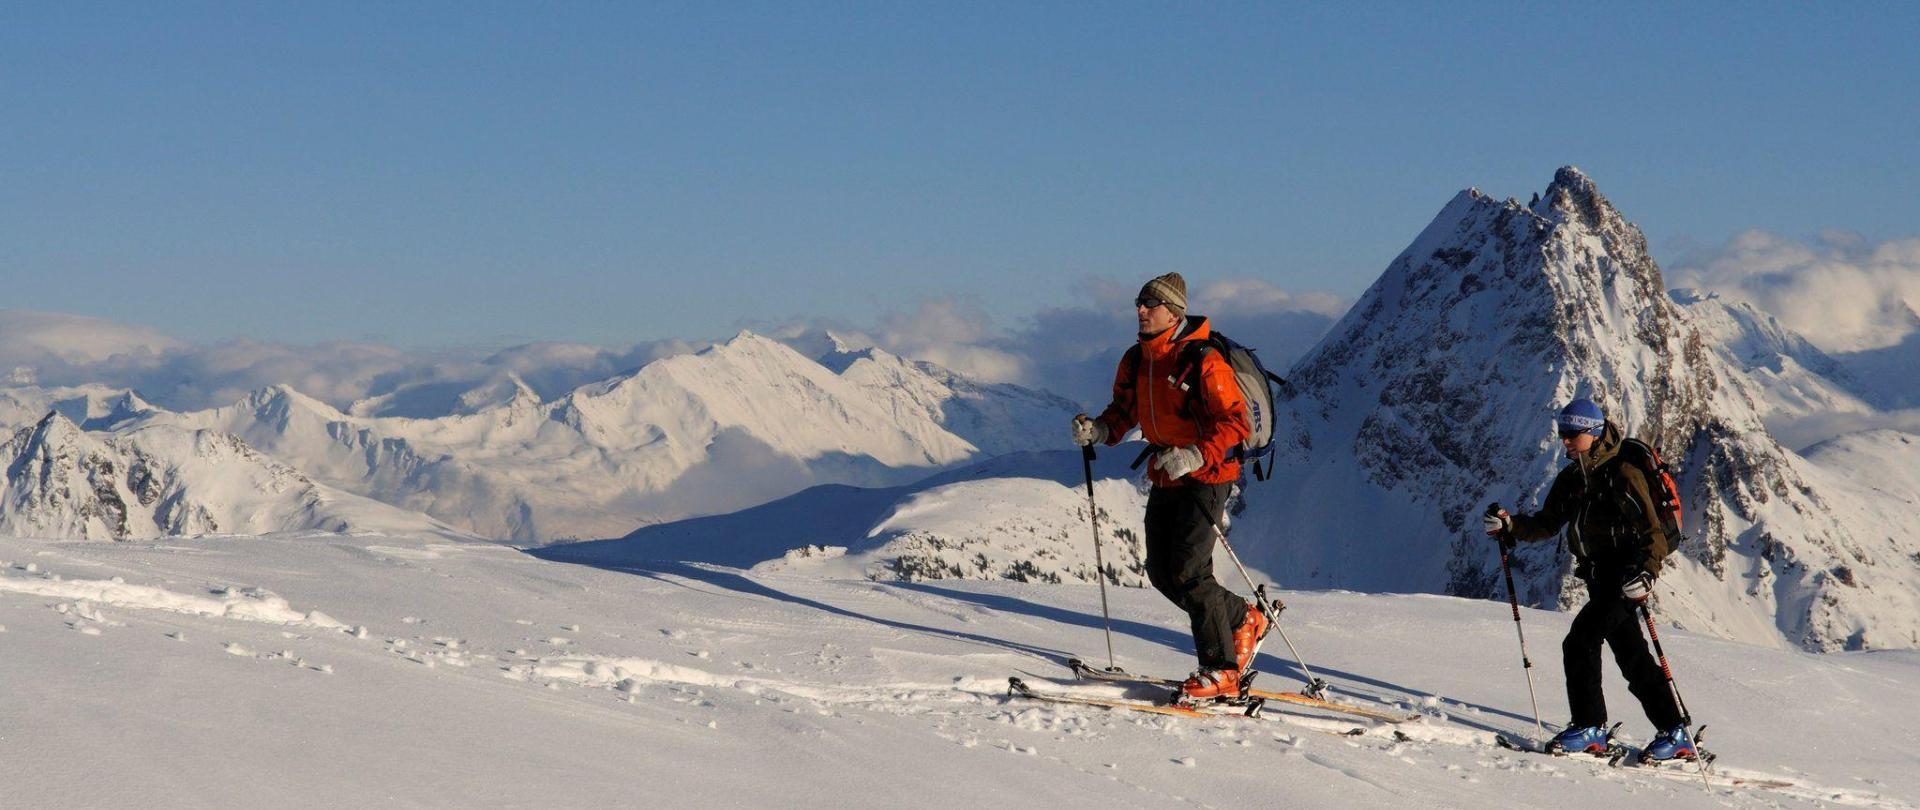 kam_001173_skitourengeher-beim-aufstieg_fotograf-norbert-eisele-hein.JPG